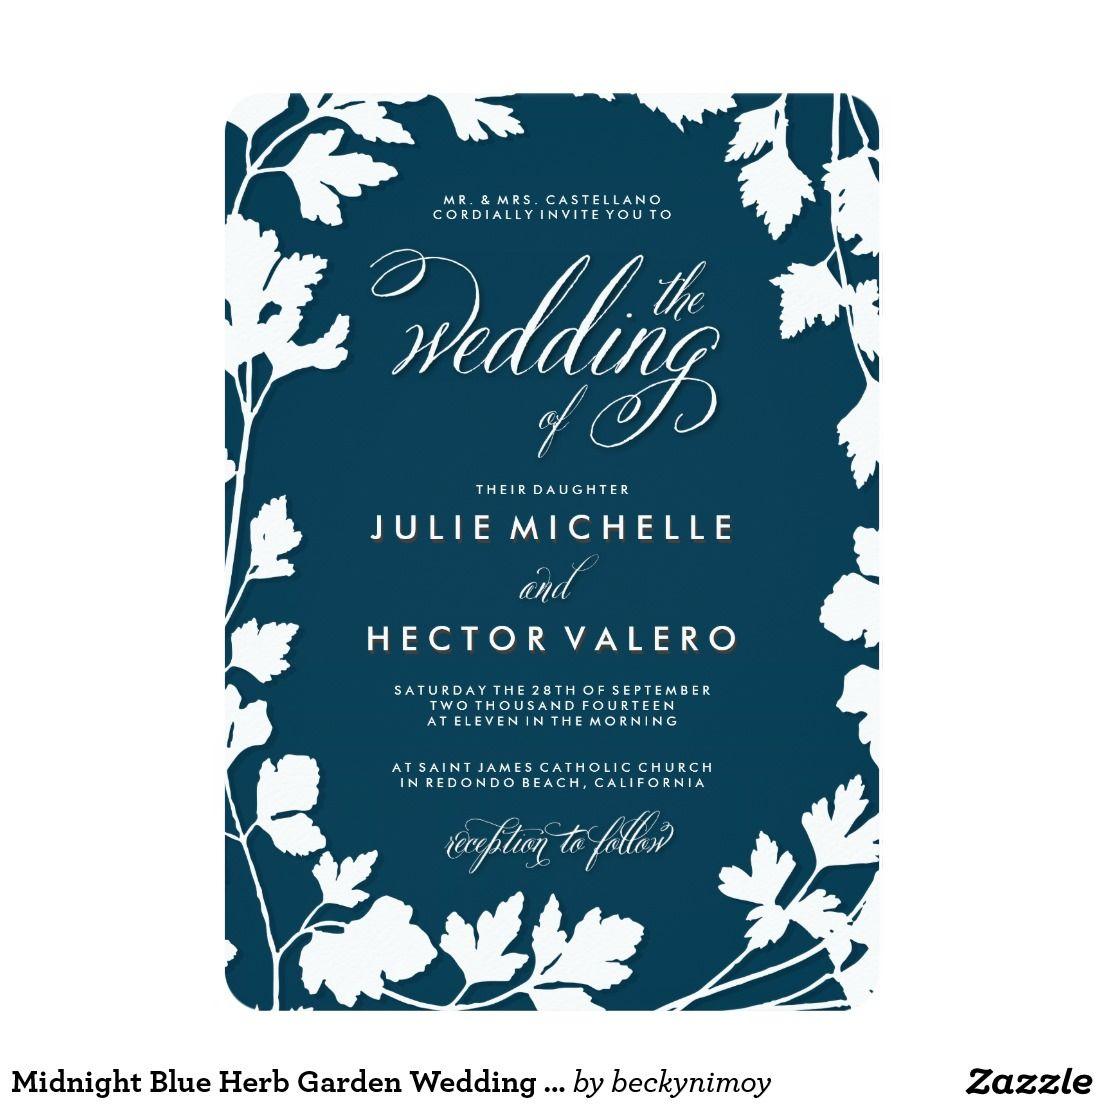 Midnight Blue Herb Garden Wedding Invitation | Love <3 | Pinterest ...